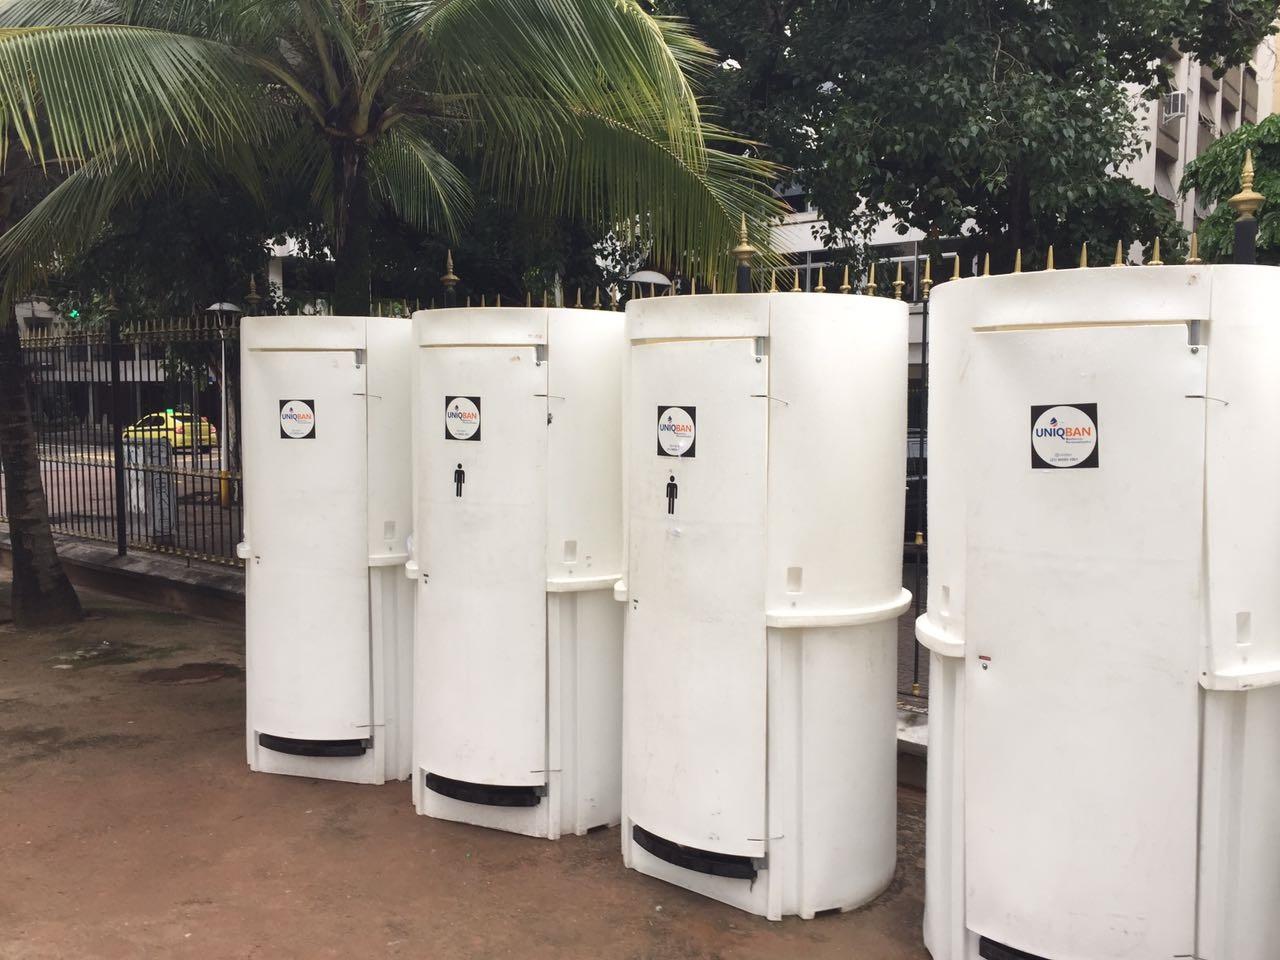 Banheiros improvisados na Praça Nossa da Paz. Foto Agostinho Vieira